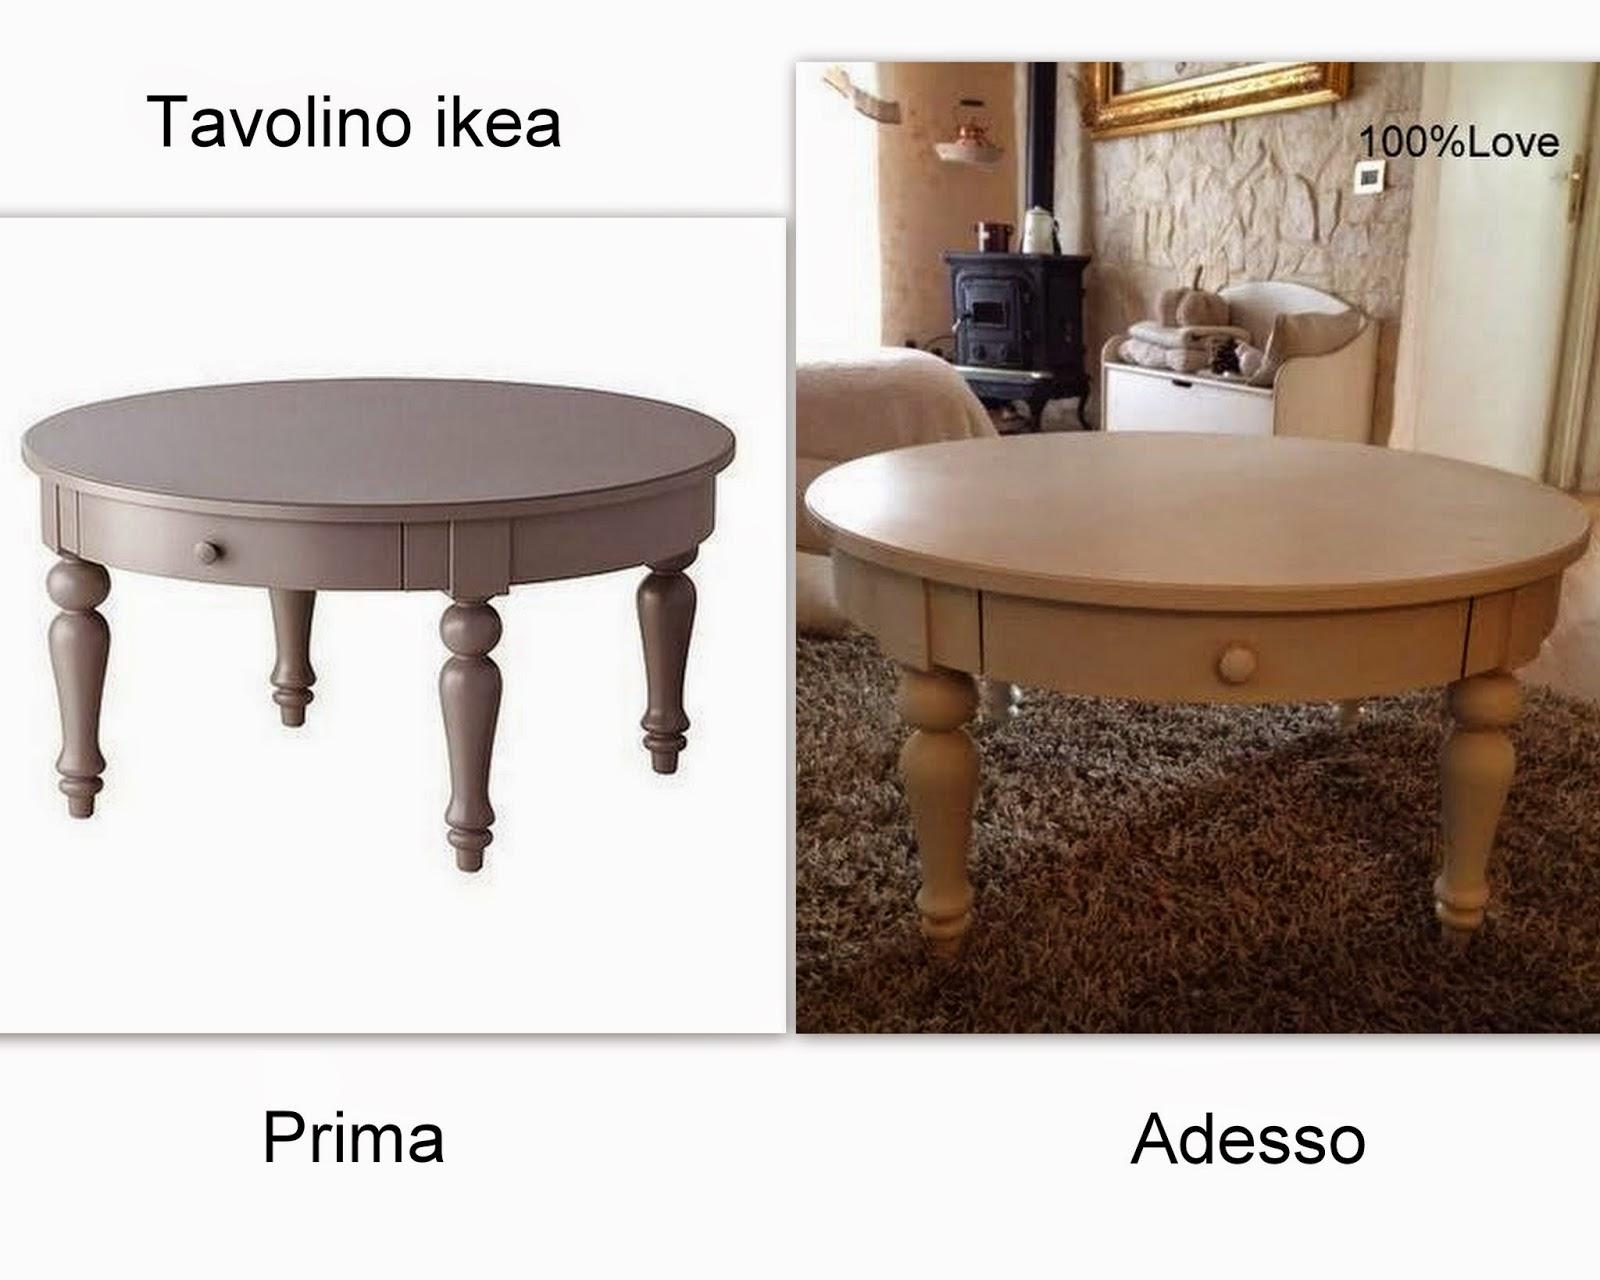 Ikea Tavolino Da Salotto.Tavolino Bagno Ikea Ispirazione Per La Casa E Idee Per Interni